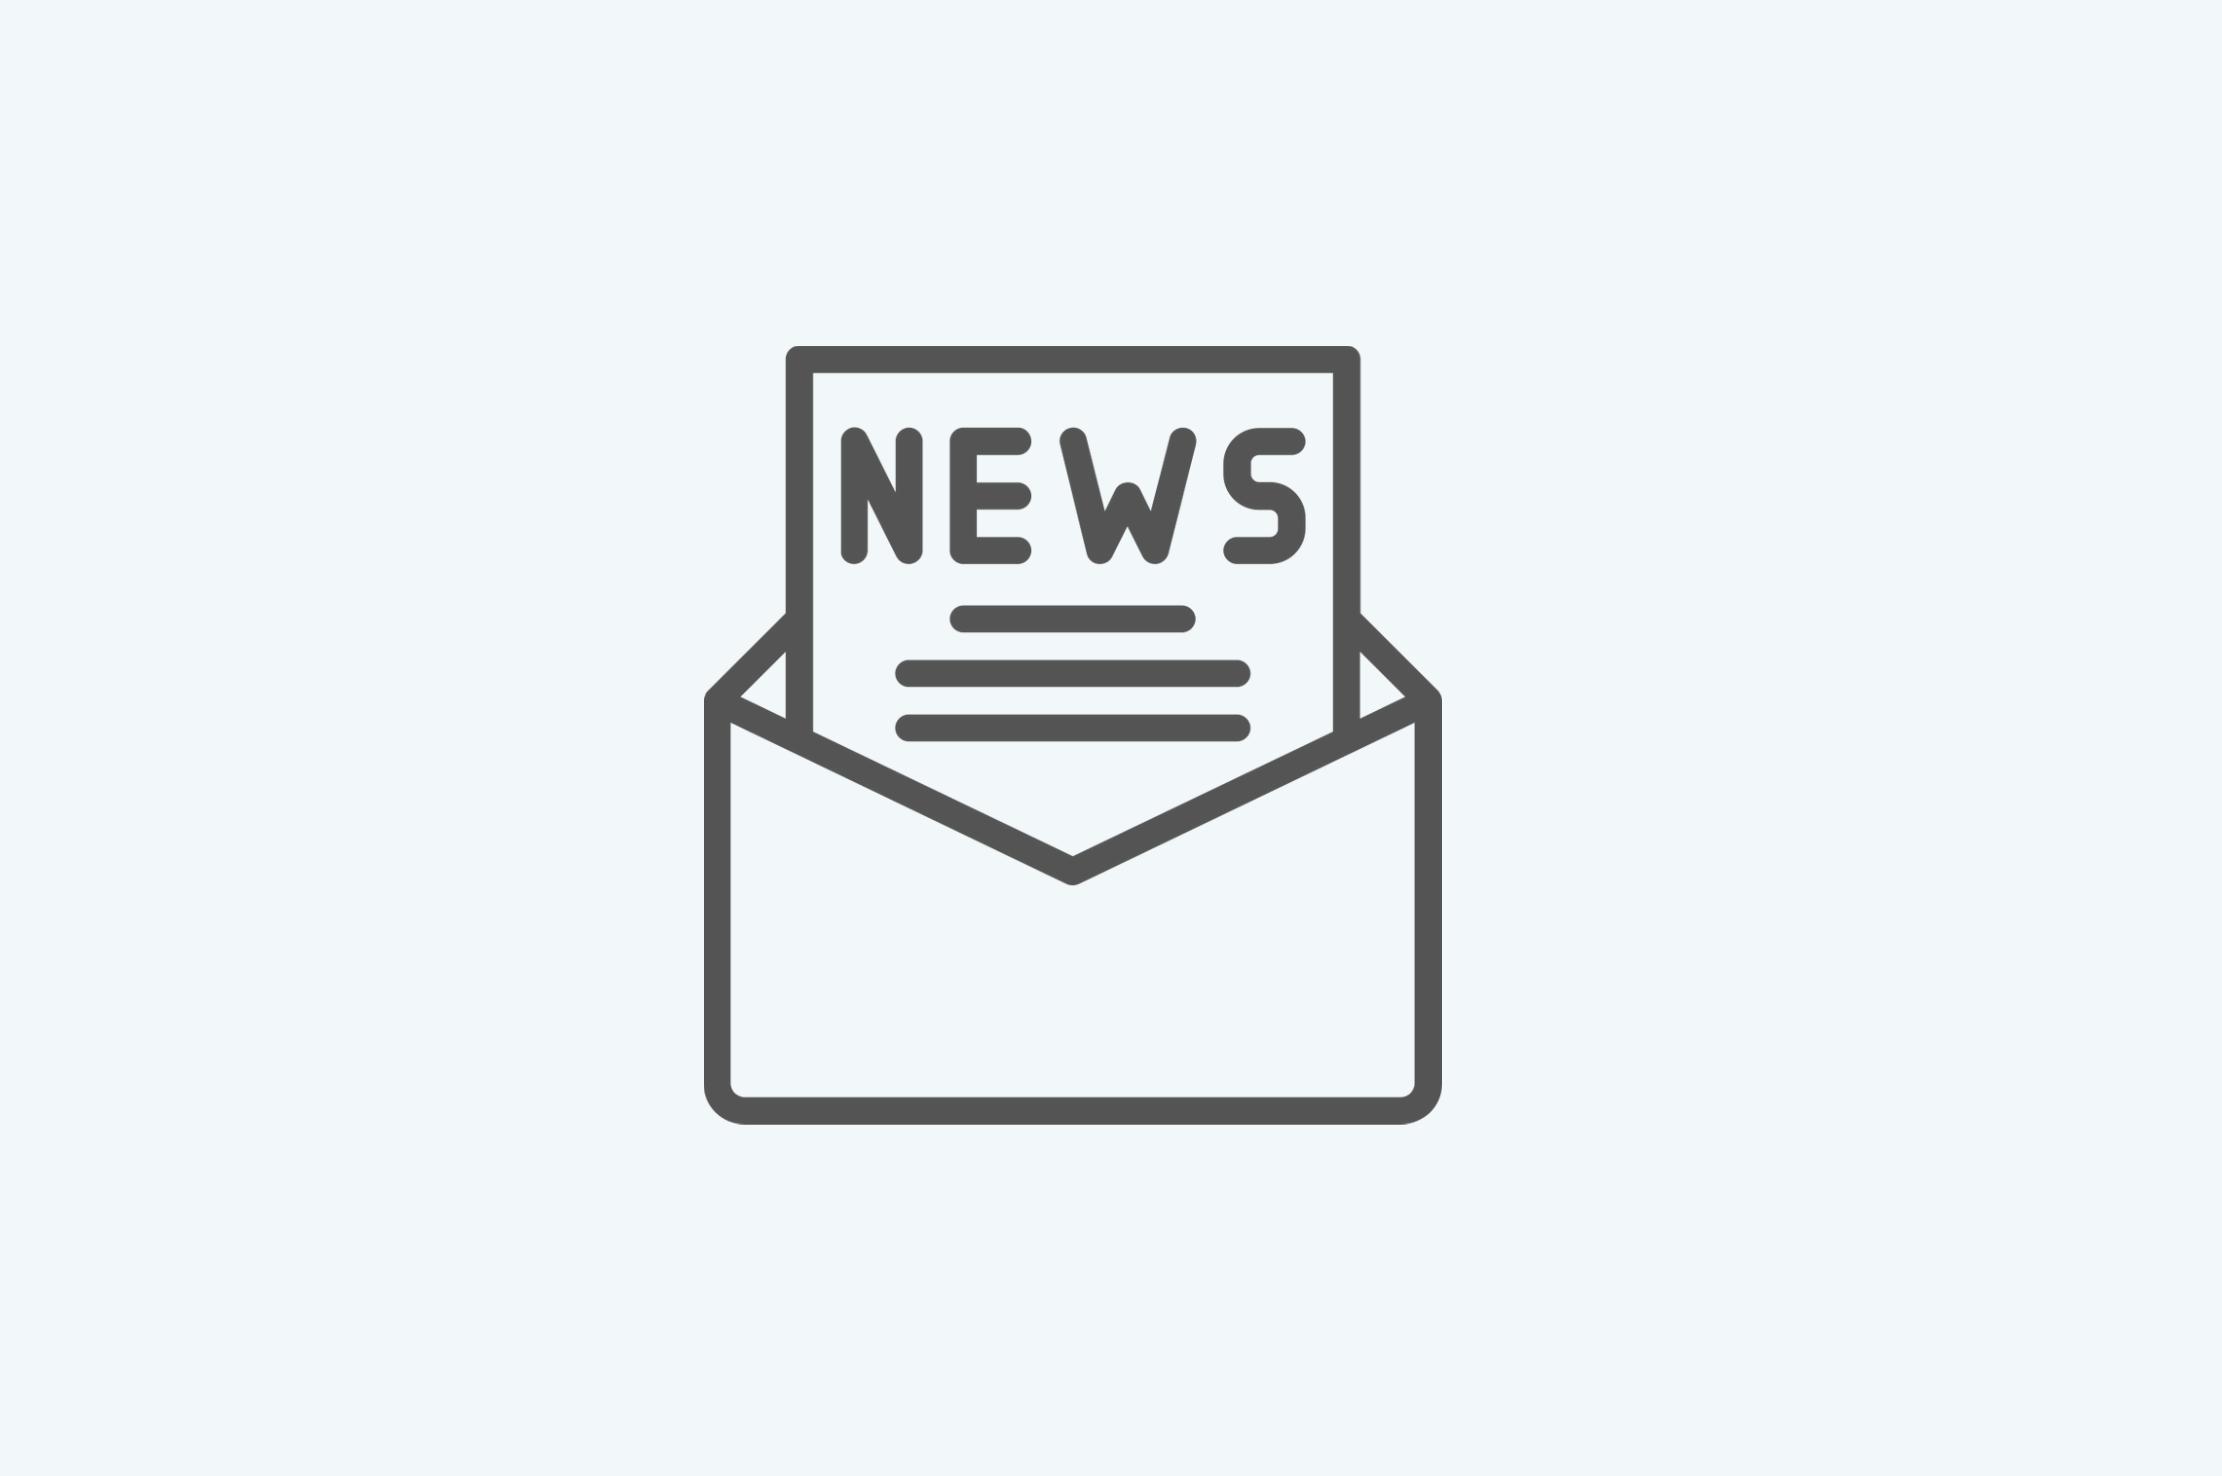 16. Kapitel: Neuigkeiten vom Örtchen